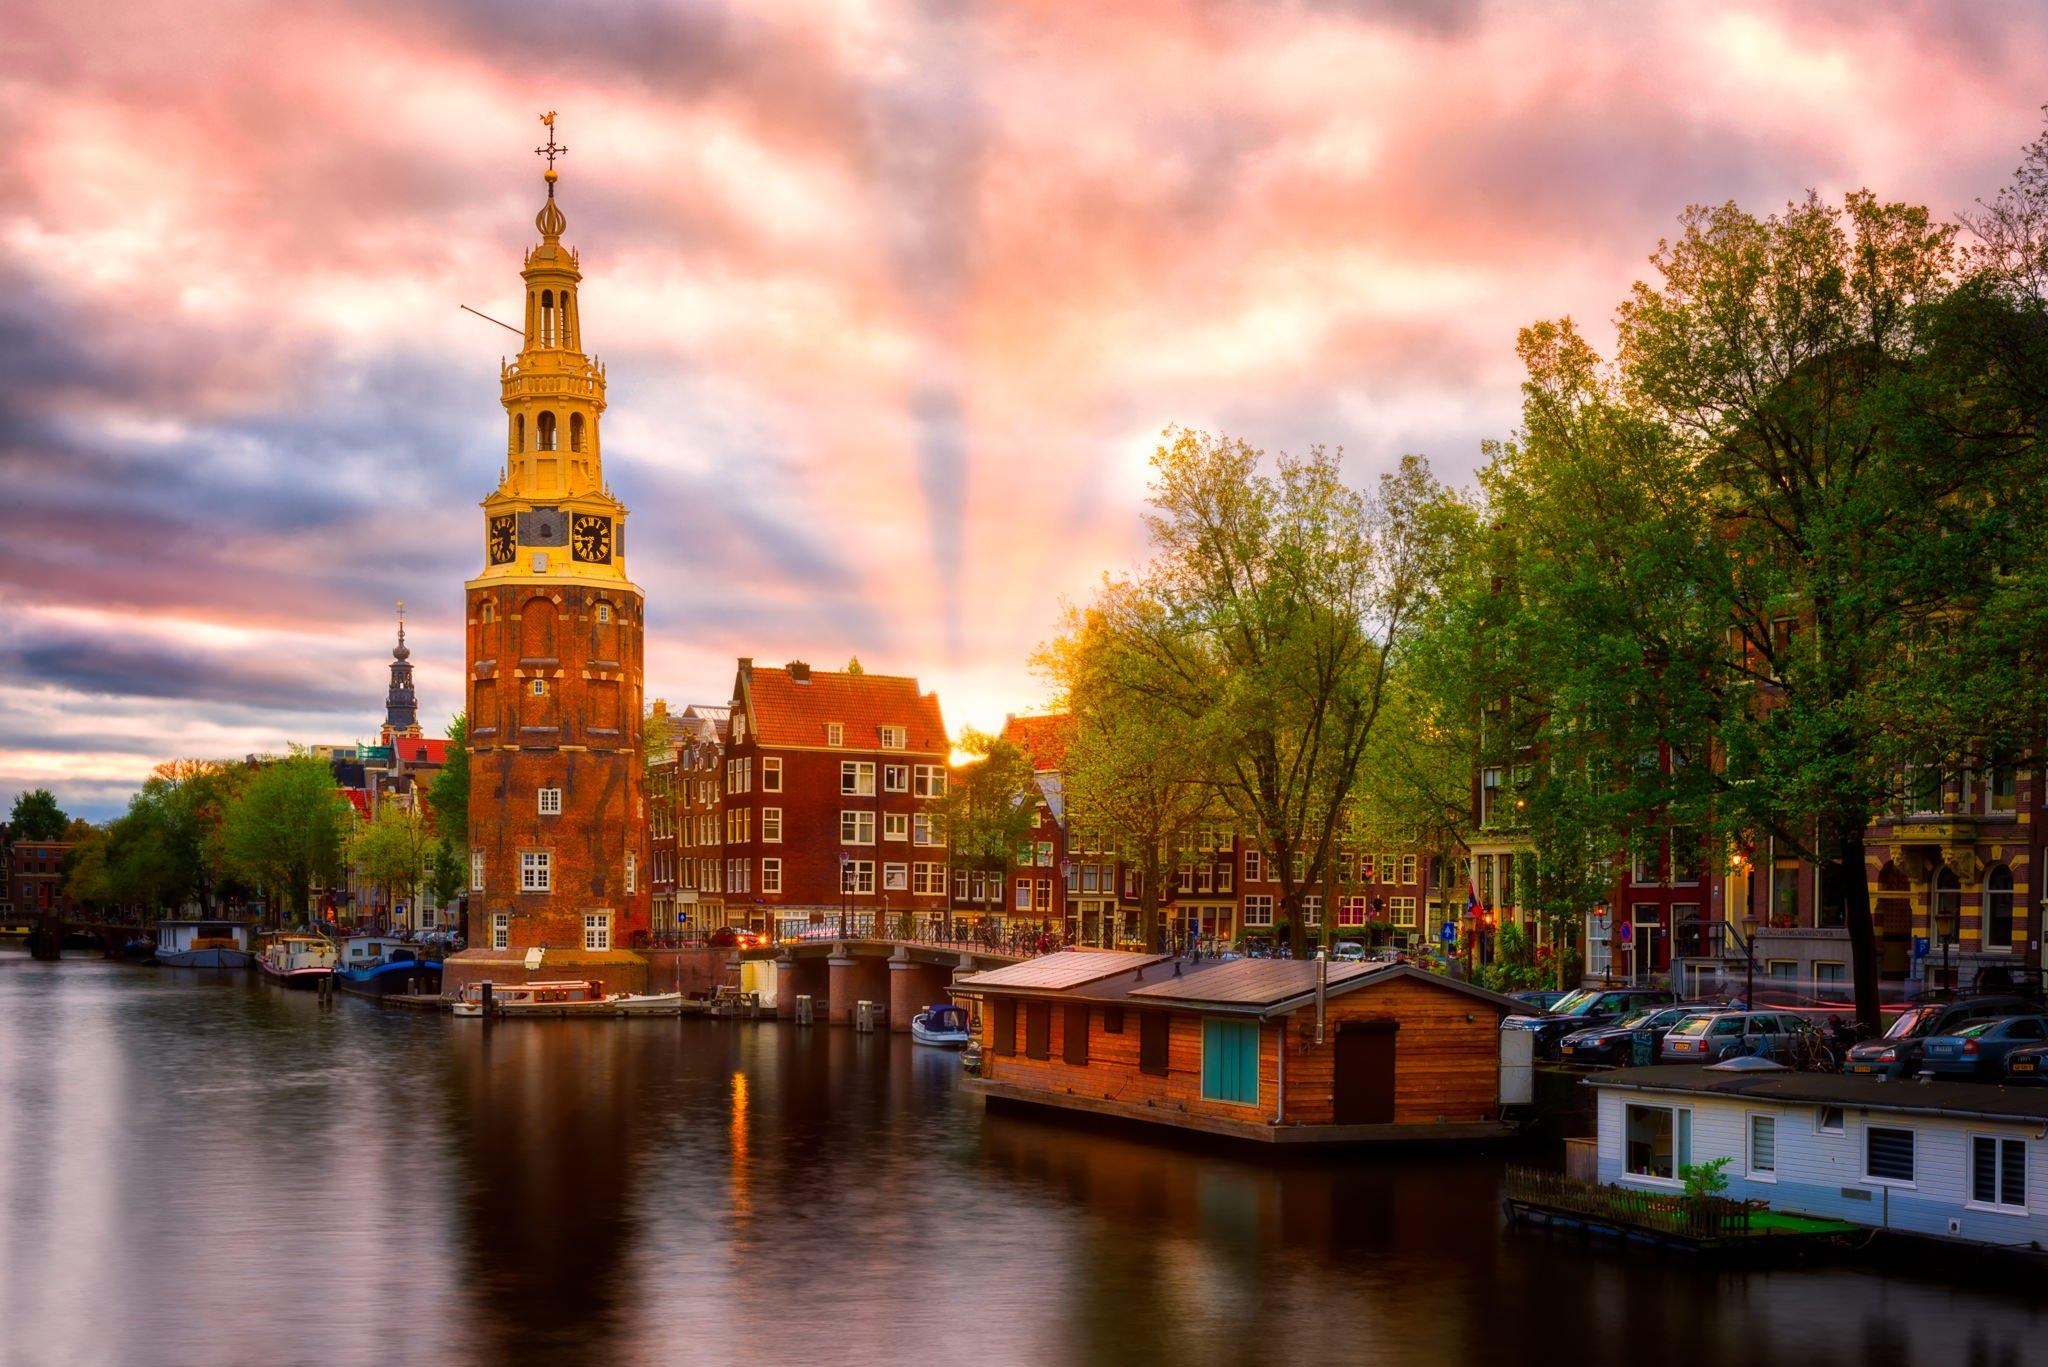 Amsterdam, Montelbaanstoren bei Sonnenuntergang – Kanalansicht, Niederlande.